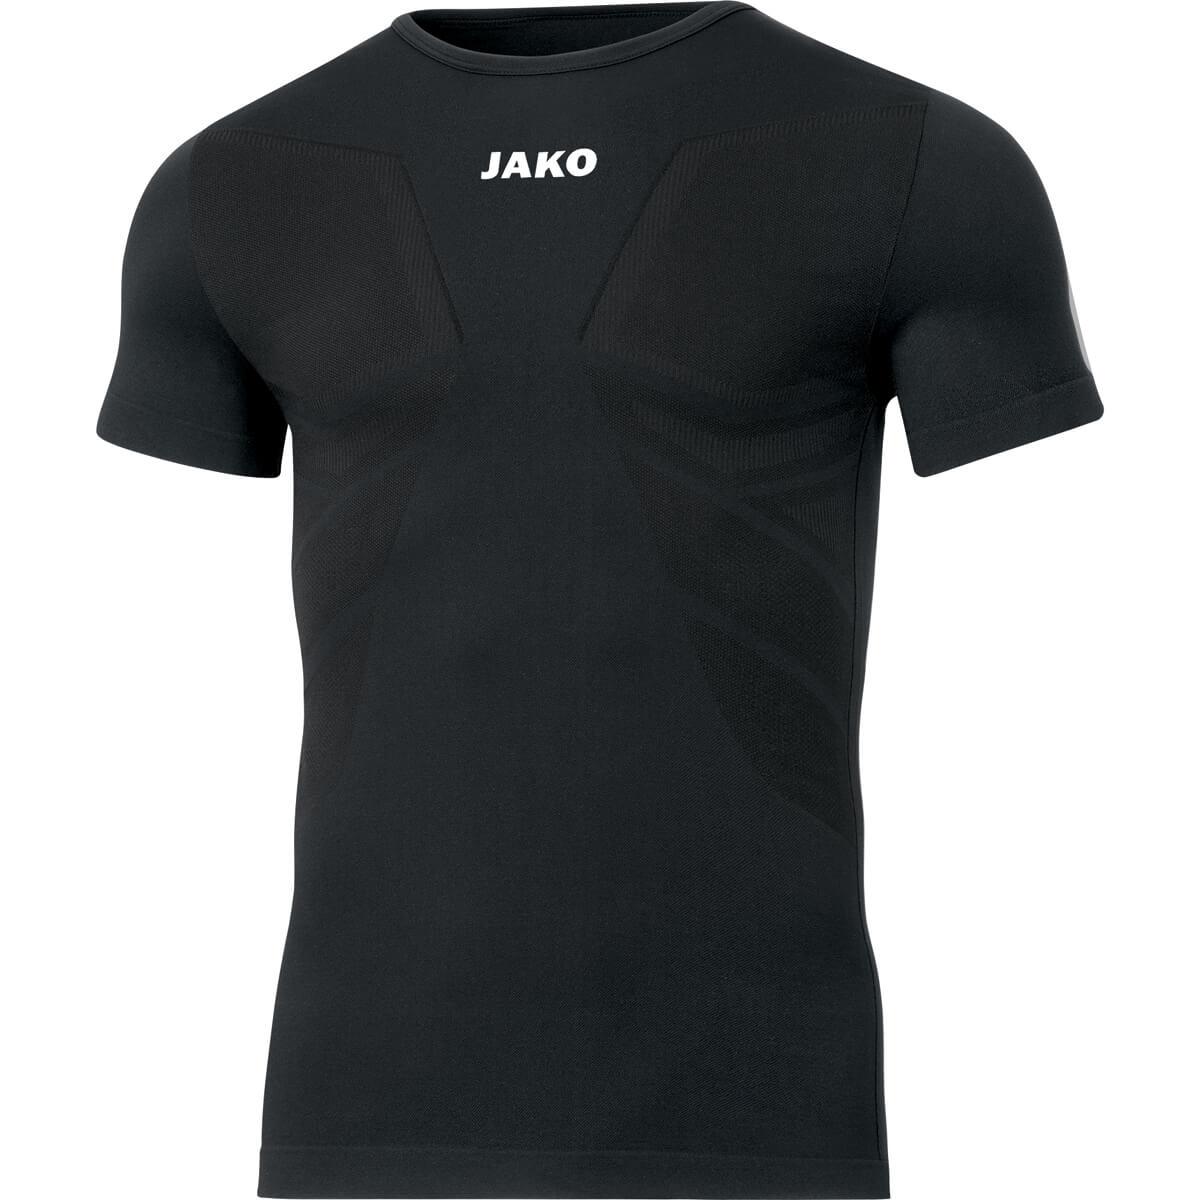 T-Shirt Comfort 2.0 - Herren | Jako 6155